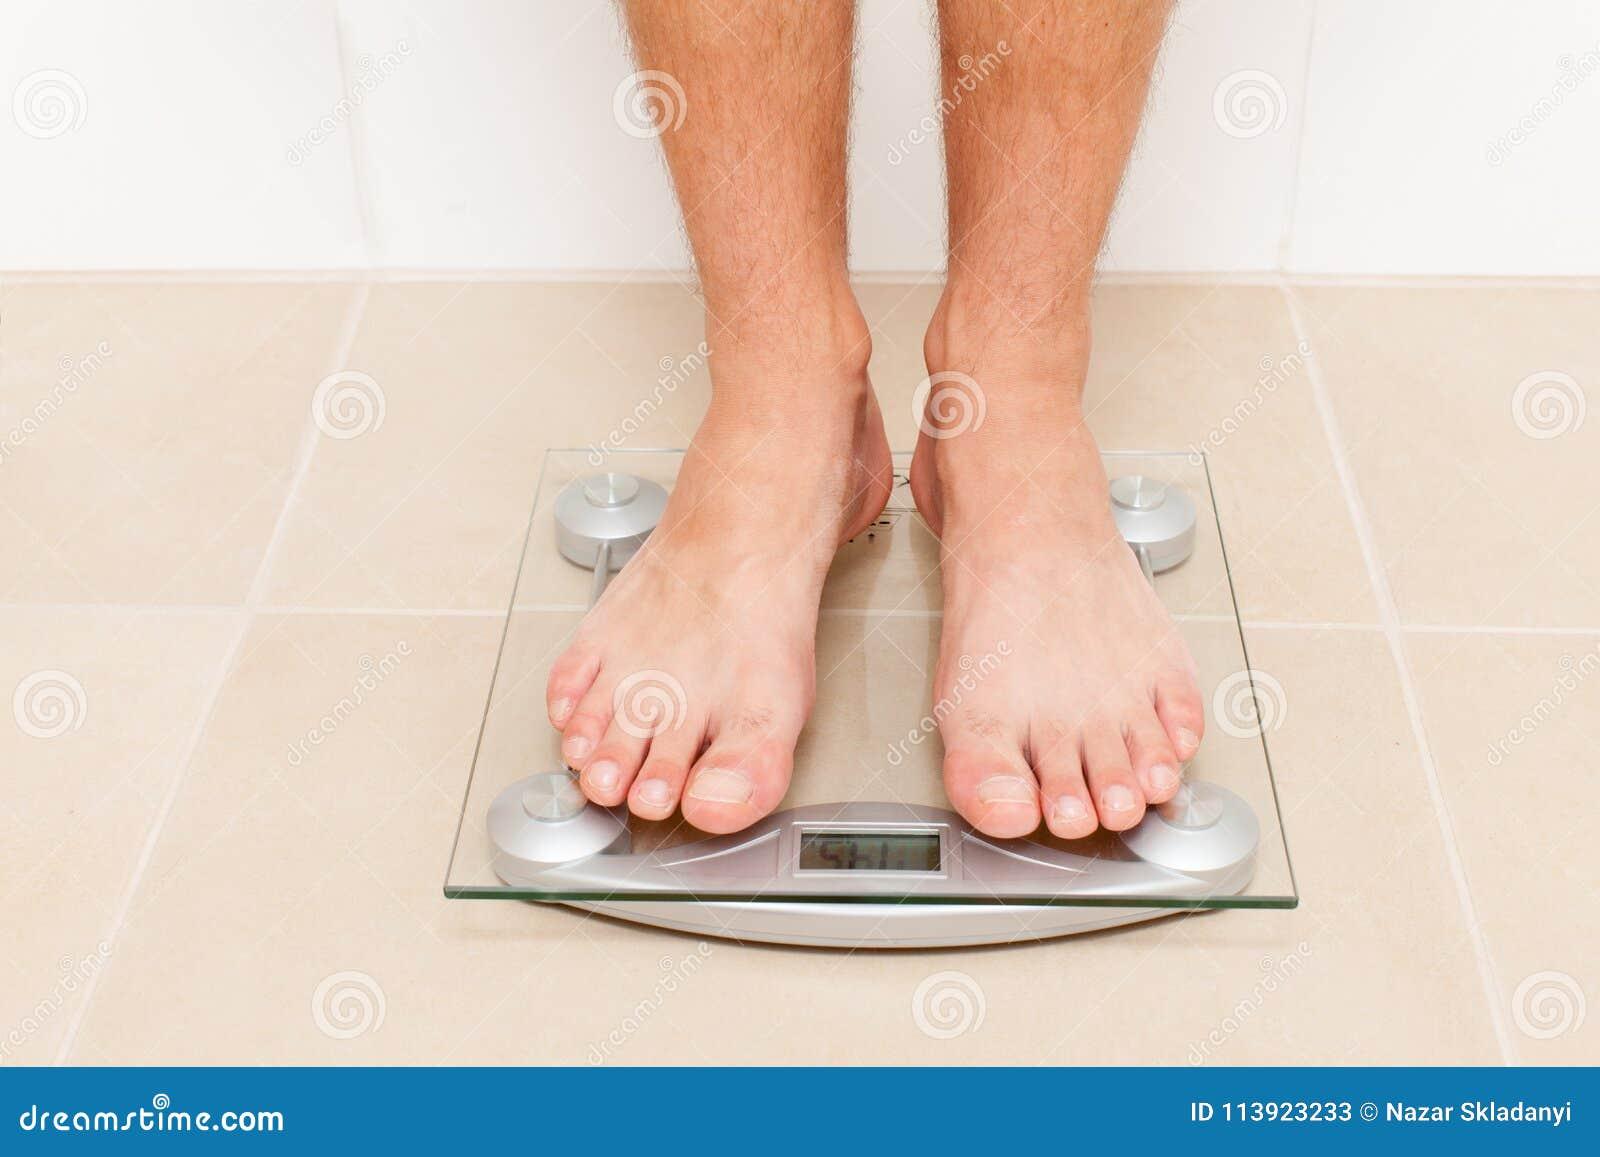 Fuß des Mannes nur auf slale im Badezimmer